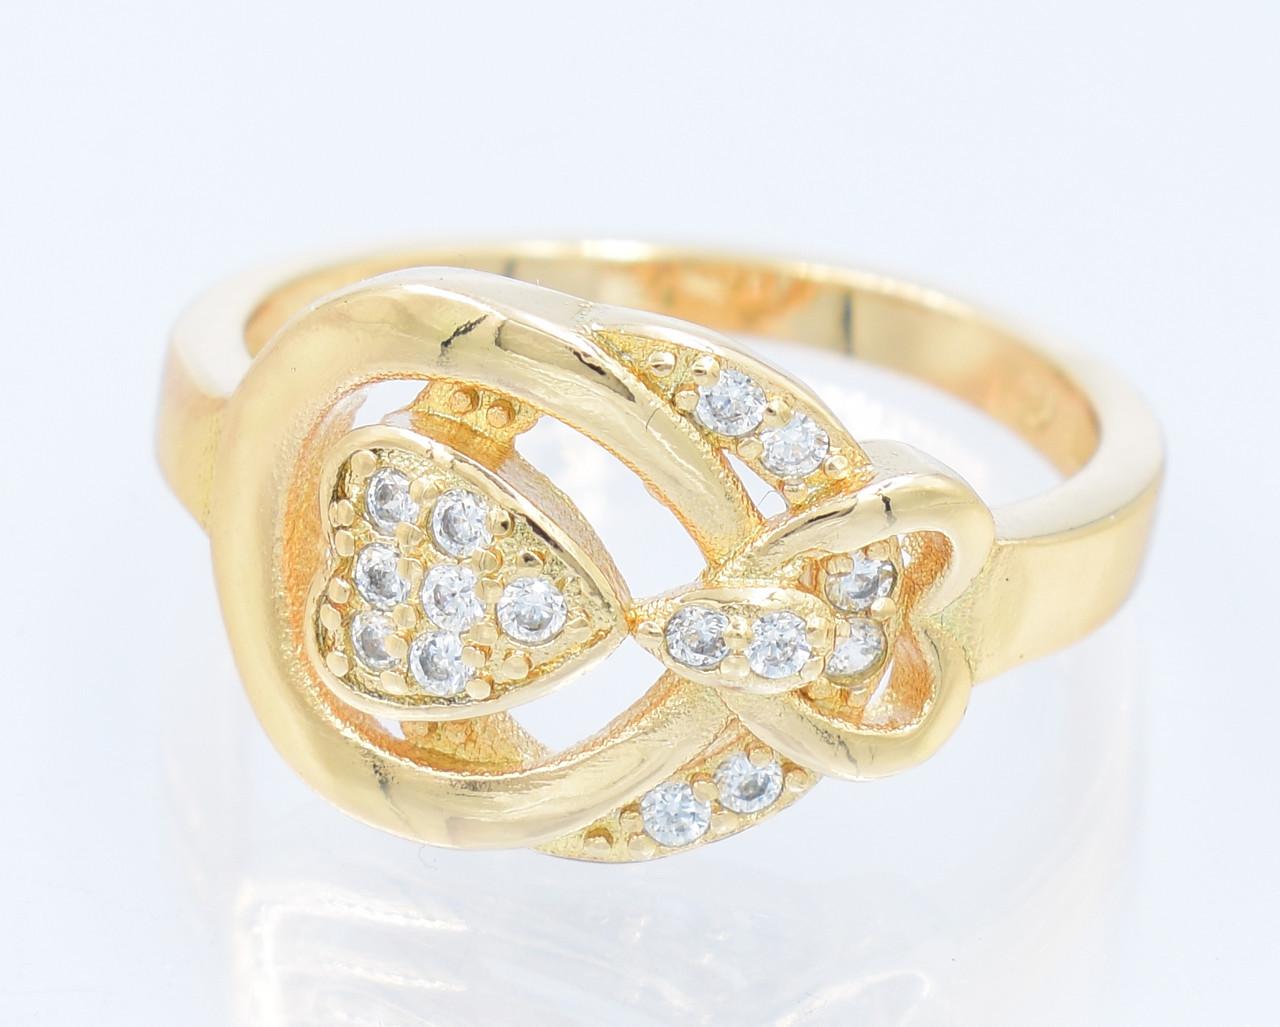 XUPING Кольцо Позолота 18к сердечко с цирконами в интересной оправе Ширина 12см,Размер 17